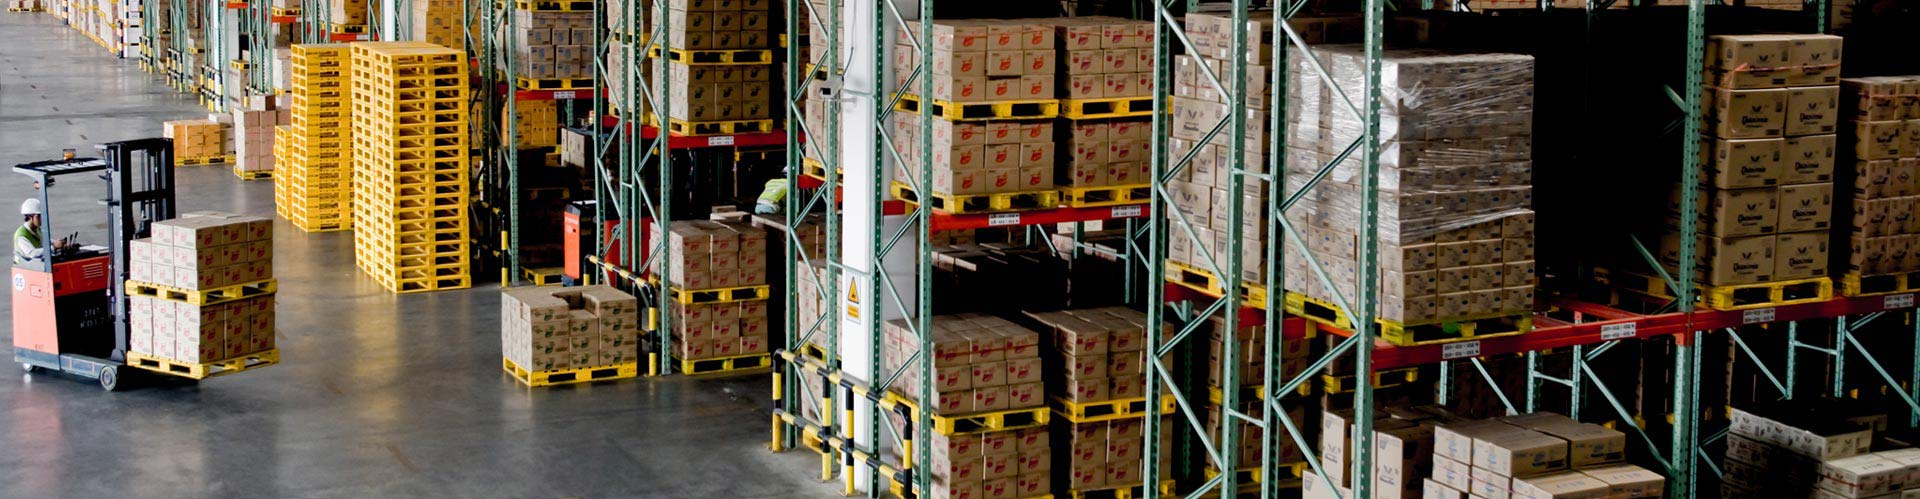 warehouse_inner_optimized